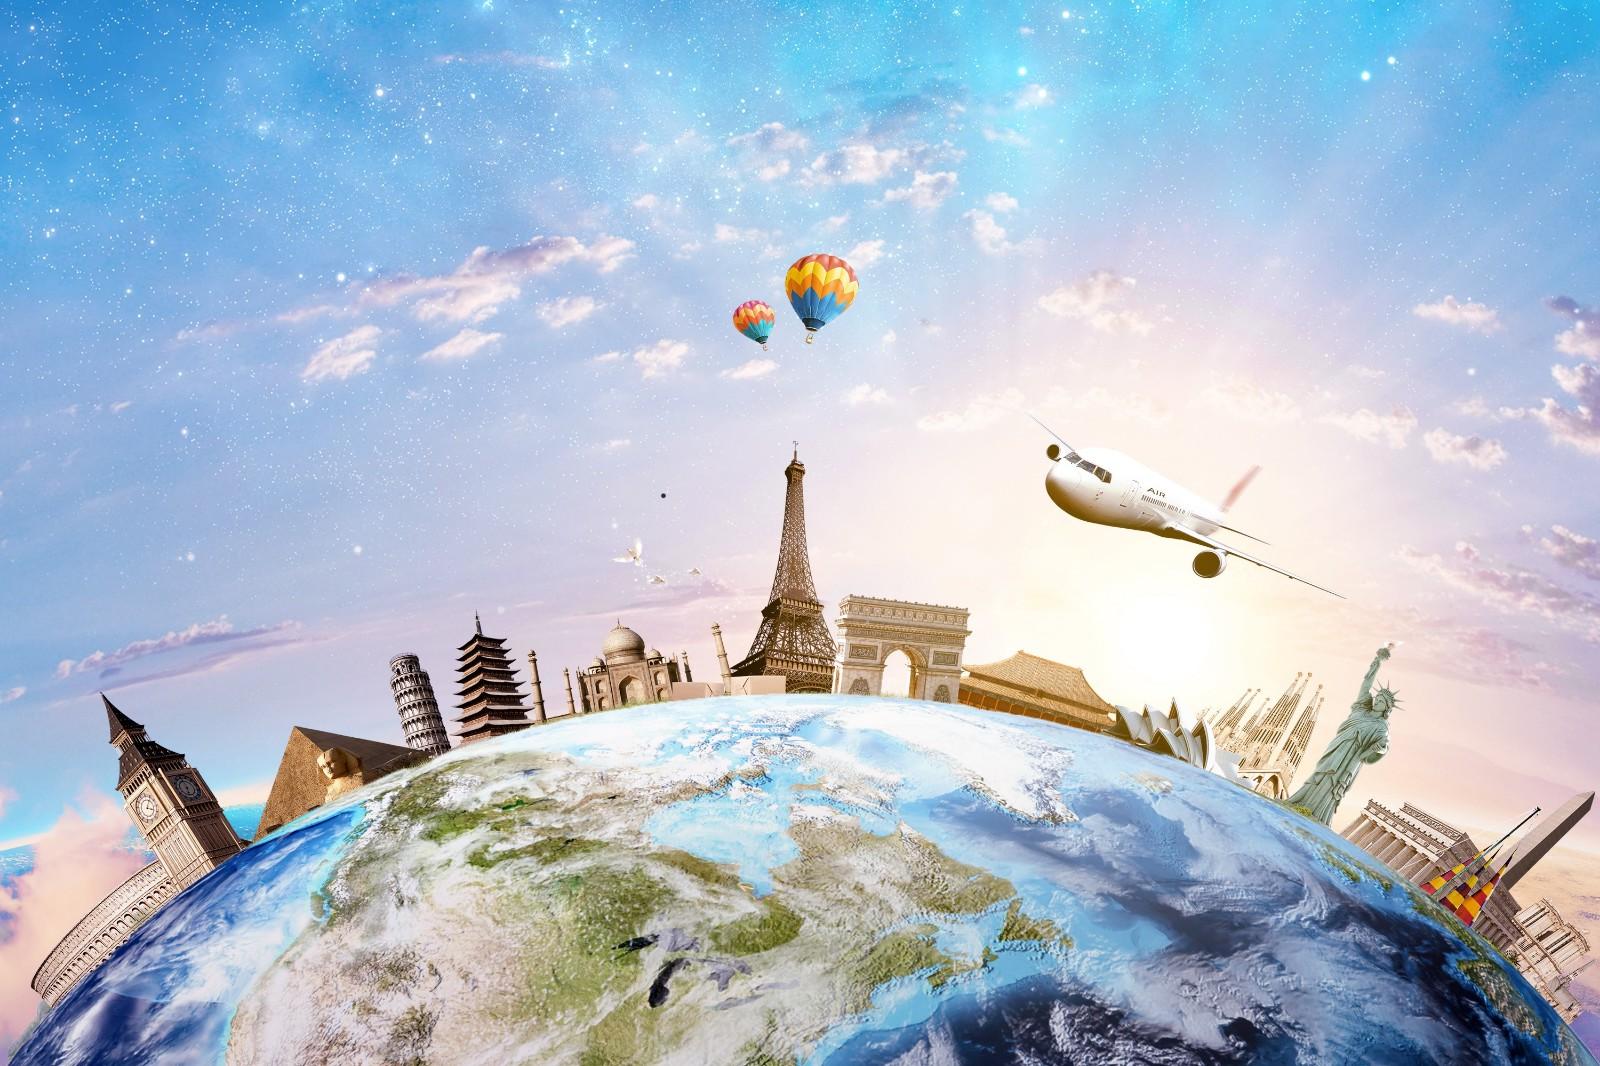 文旅部:规范在线旅游市场秩序 将不合理低价游纳入监管